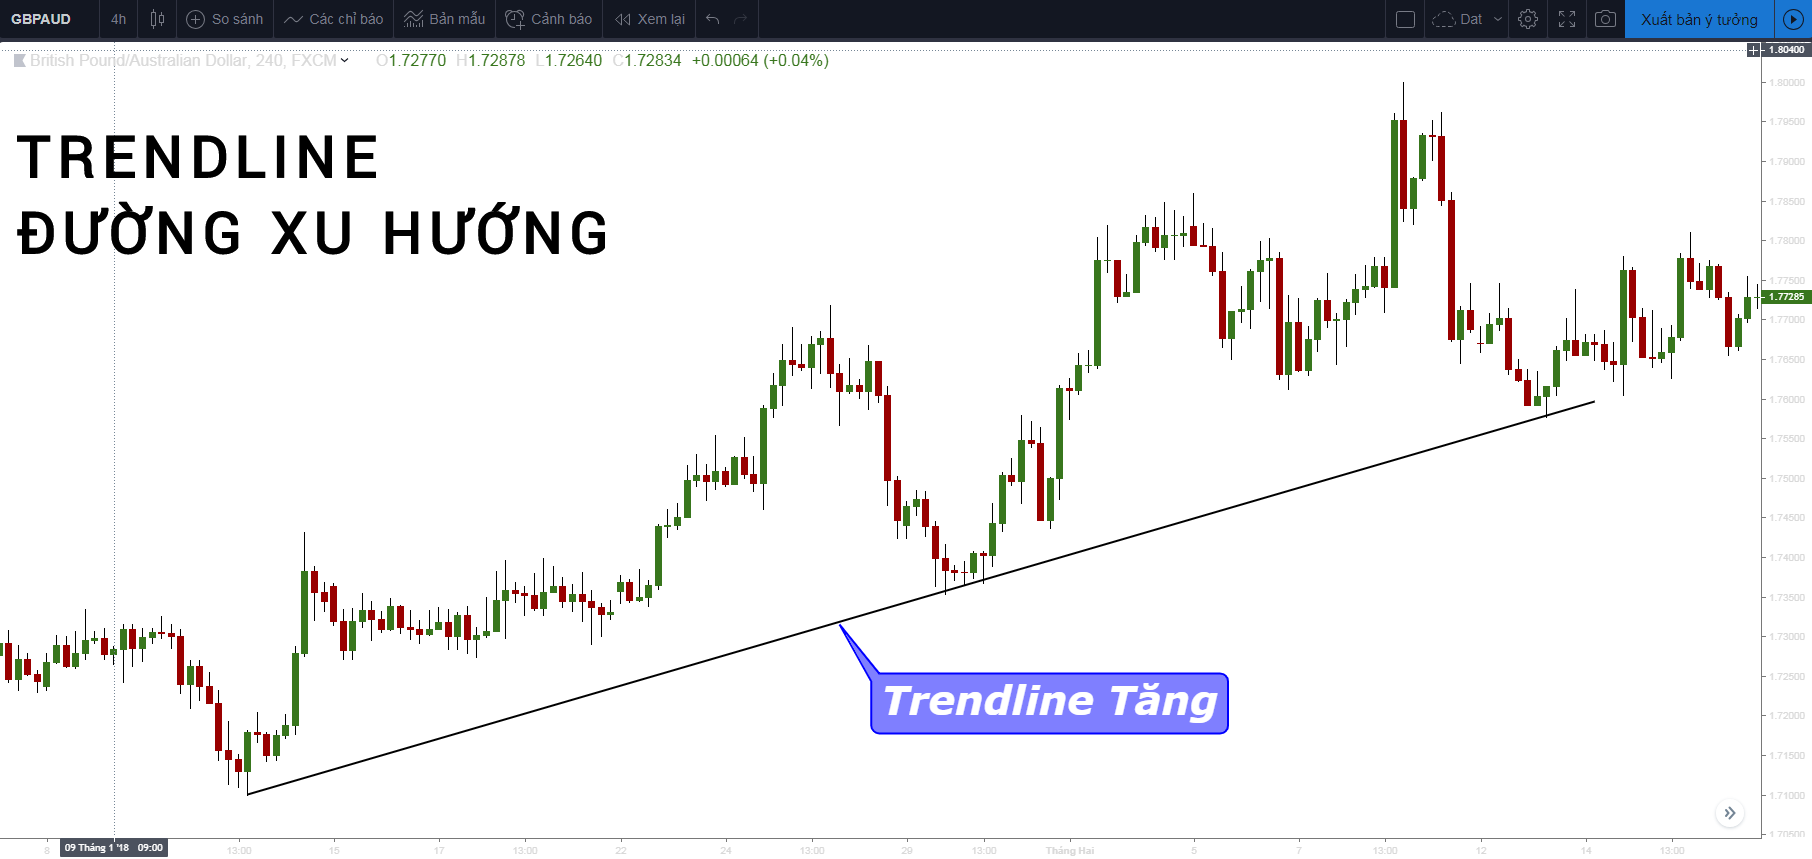 Đường xu hướng trendline là gì